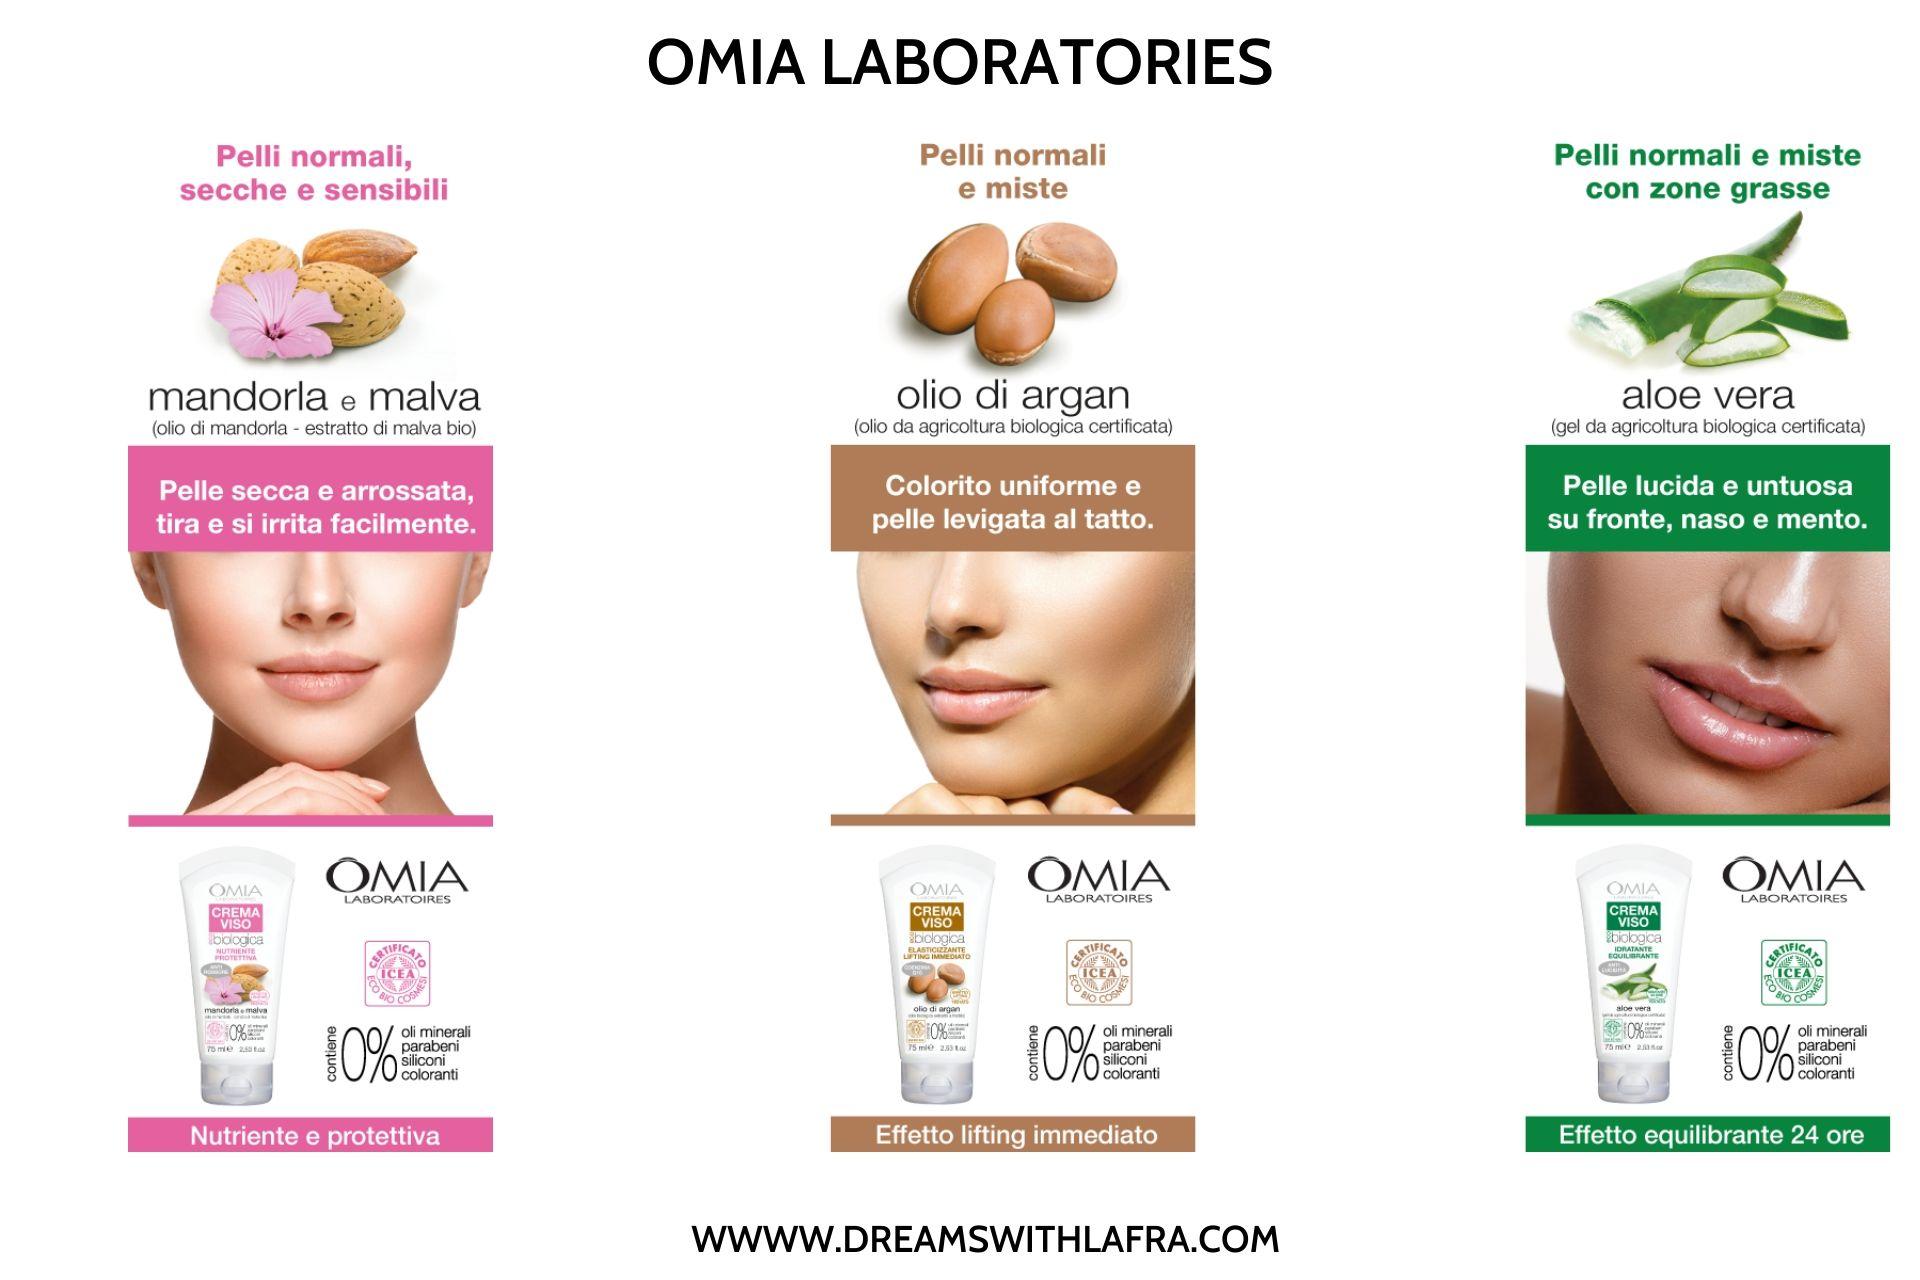 Omia Laboratories